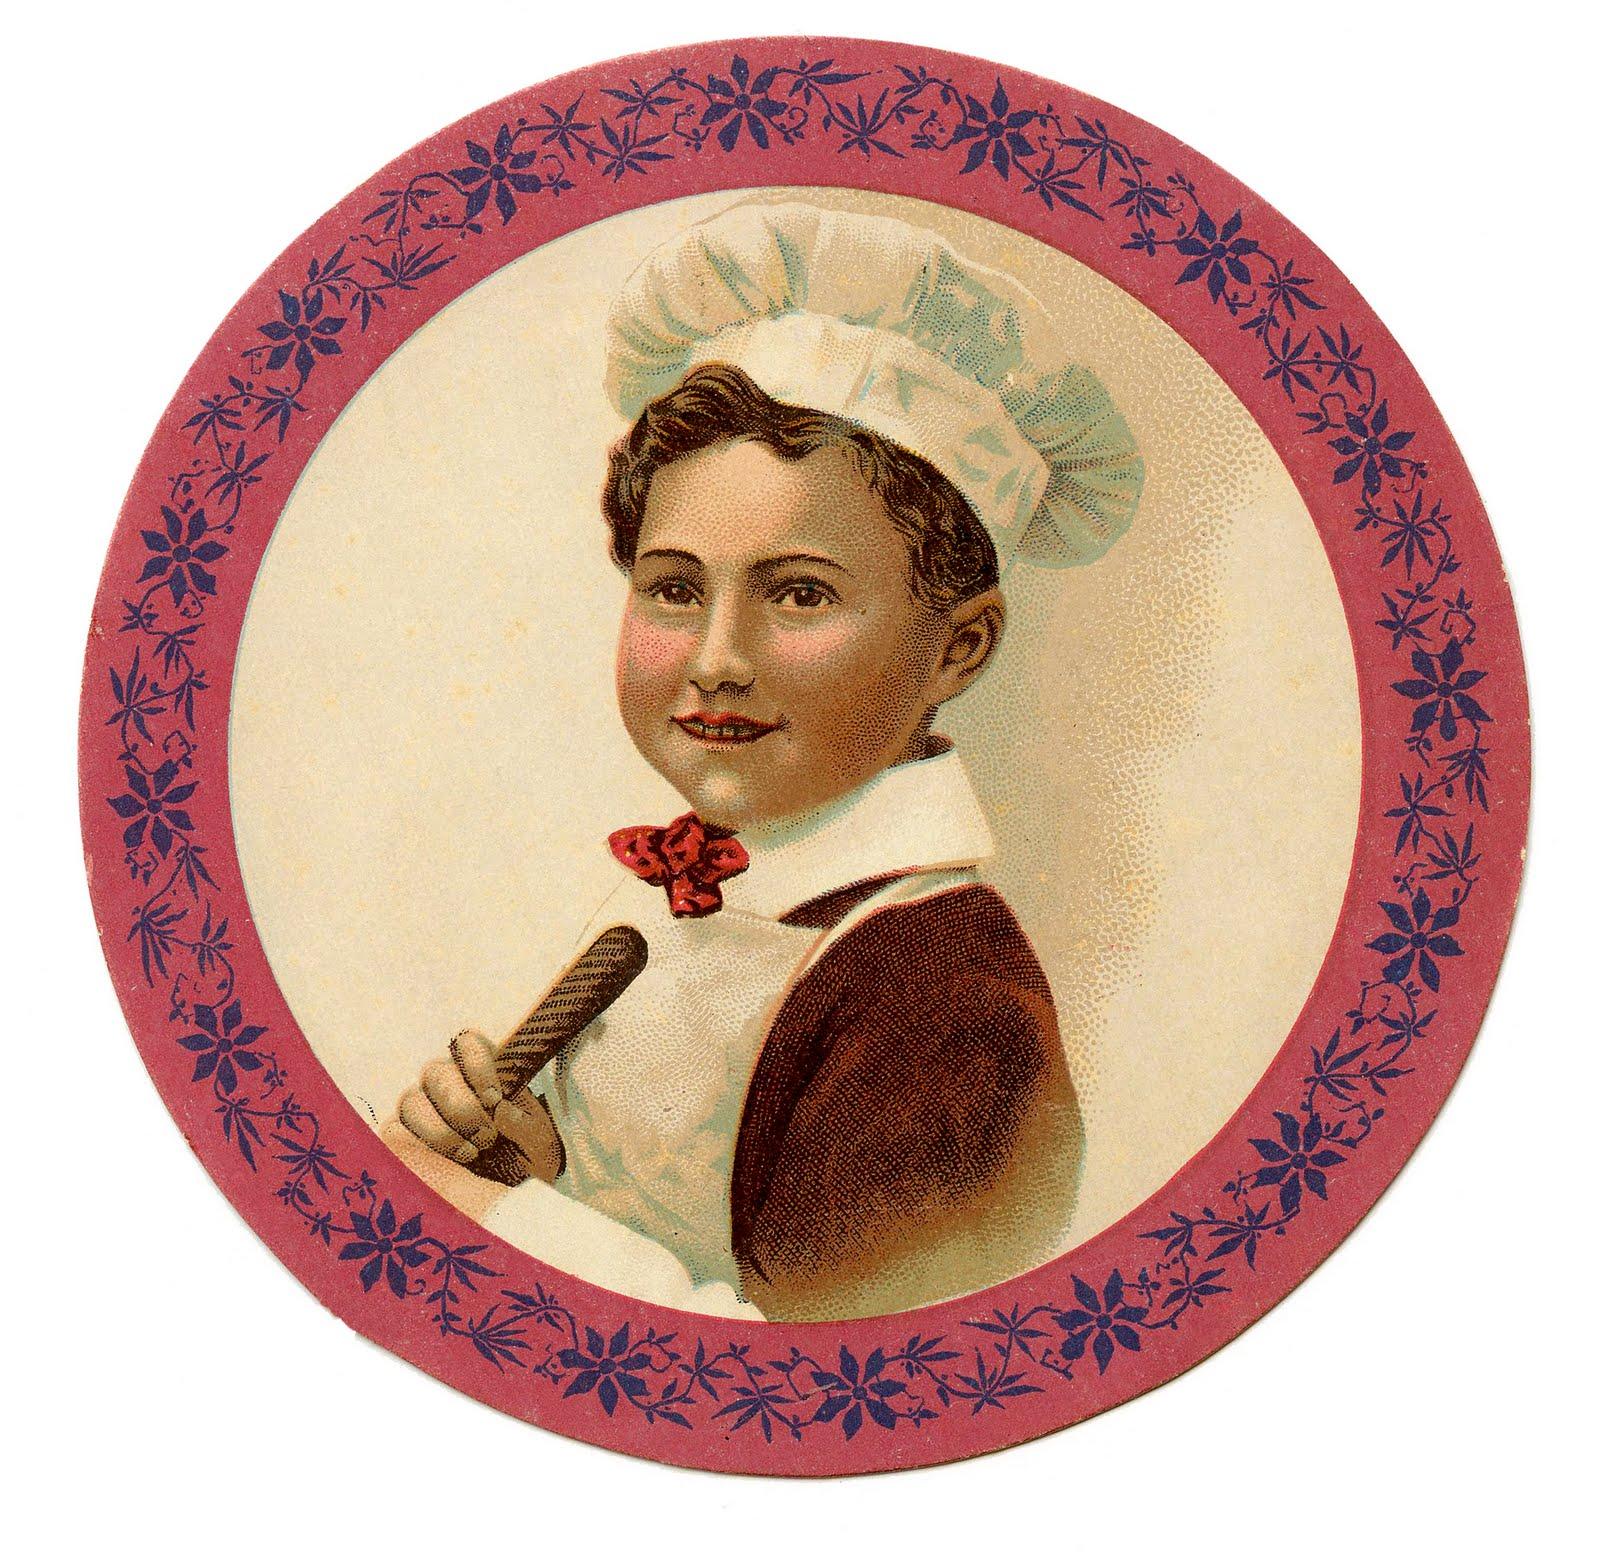 Old Fashioned Wedding Songs: Little Chef Boy / Washboard